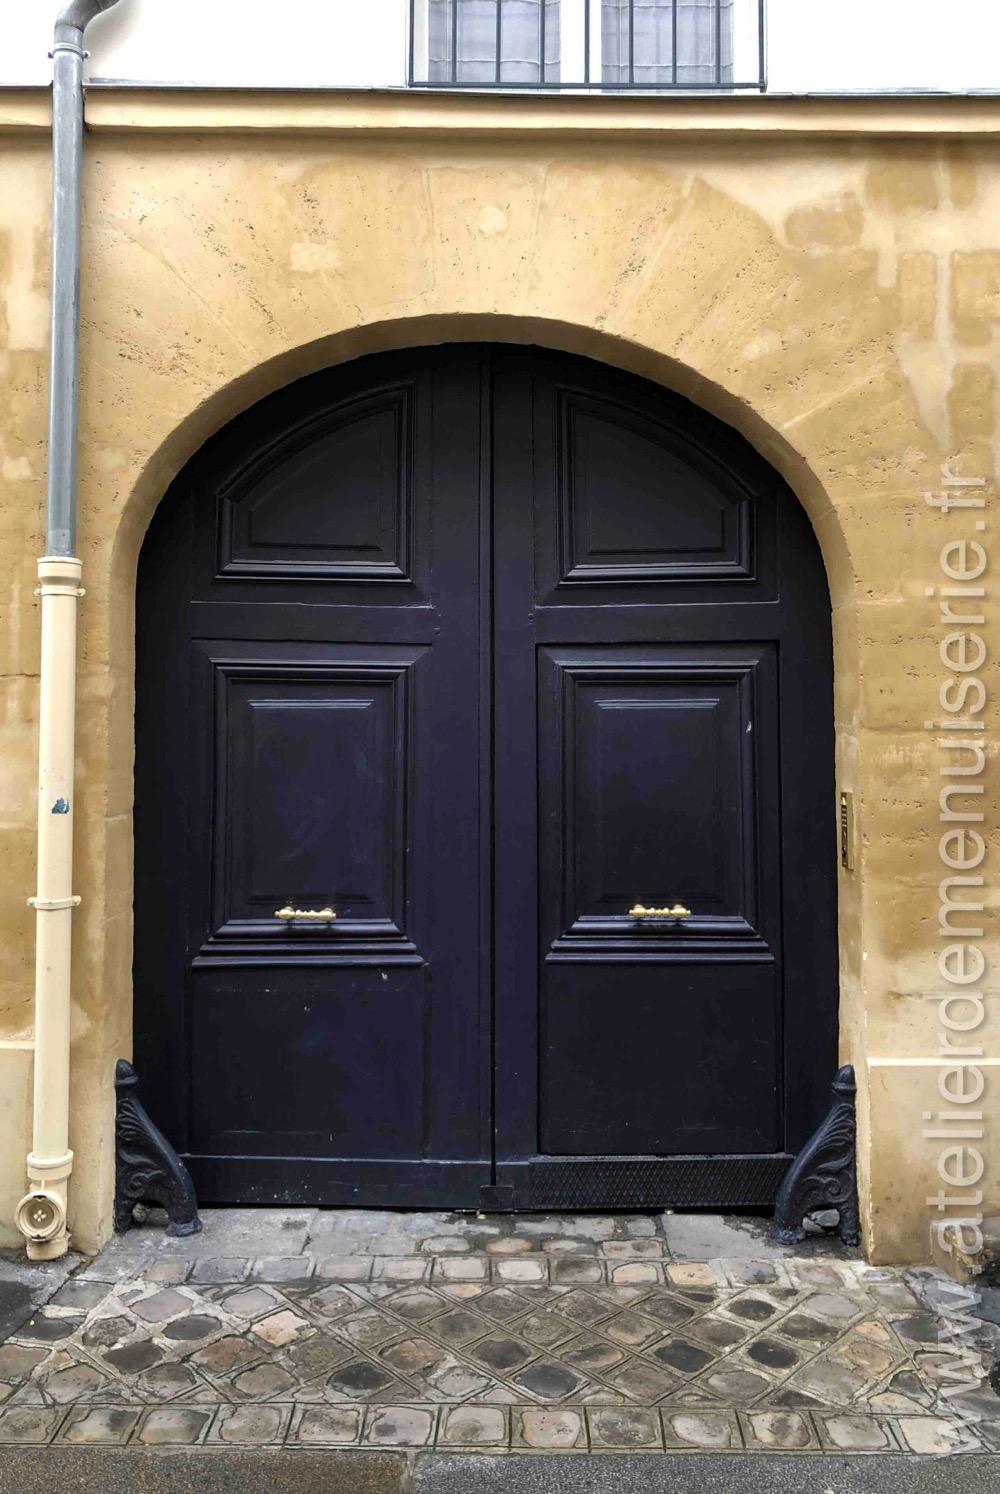 Porte Cochère - 19 RUE CHARLES V PARIS 4